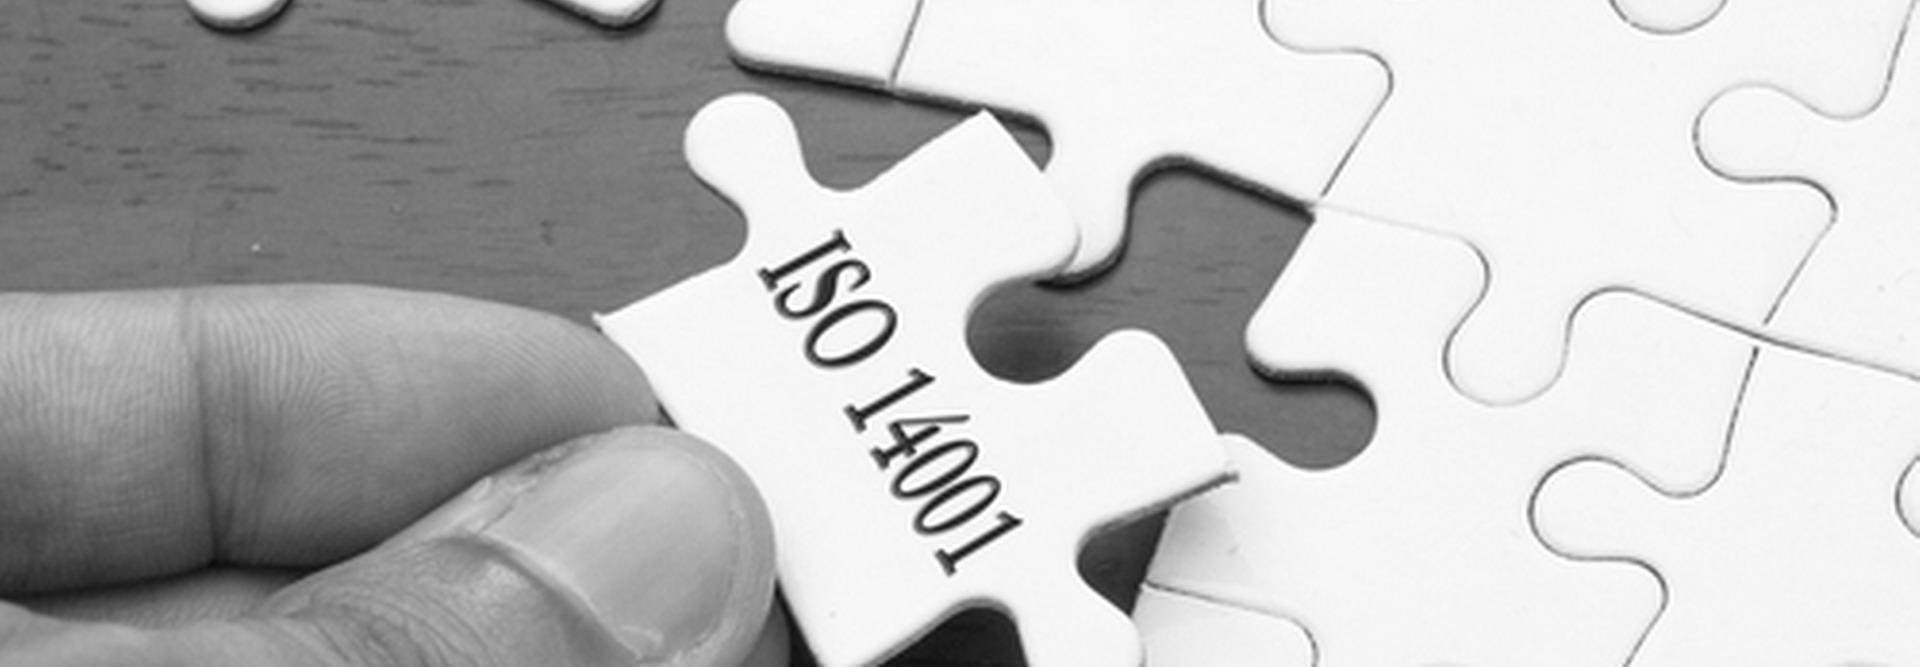 שדרוג לתקן ISO 9001:2015